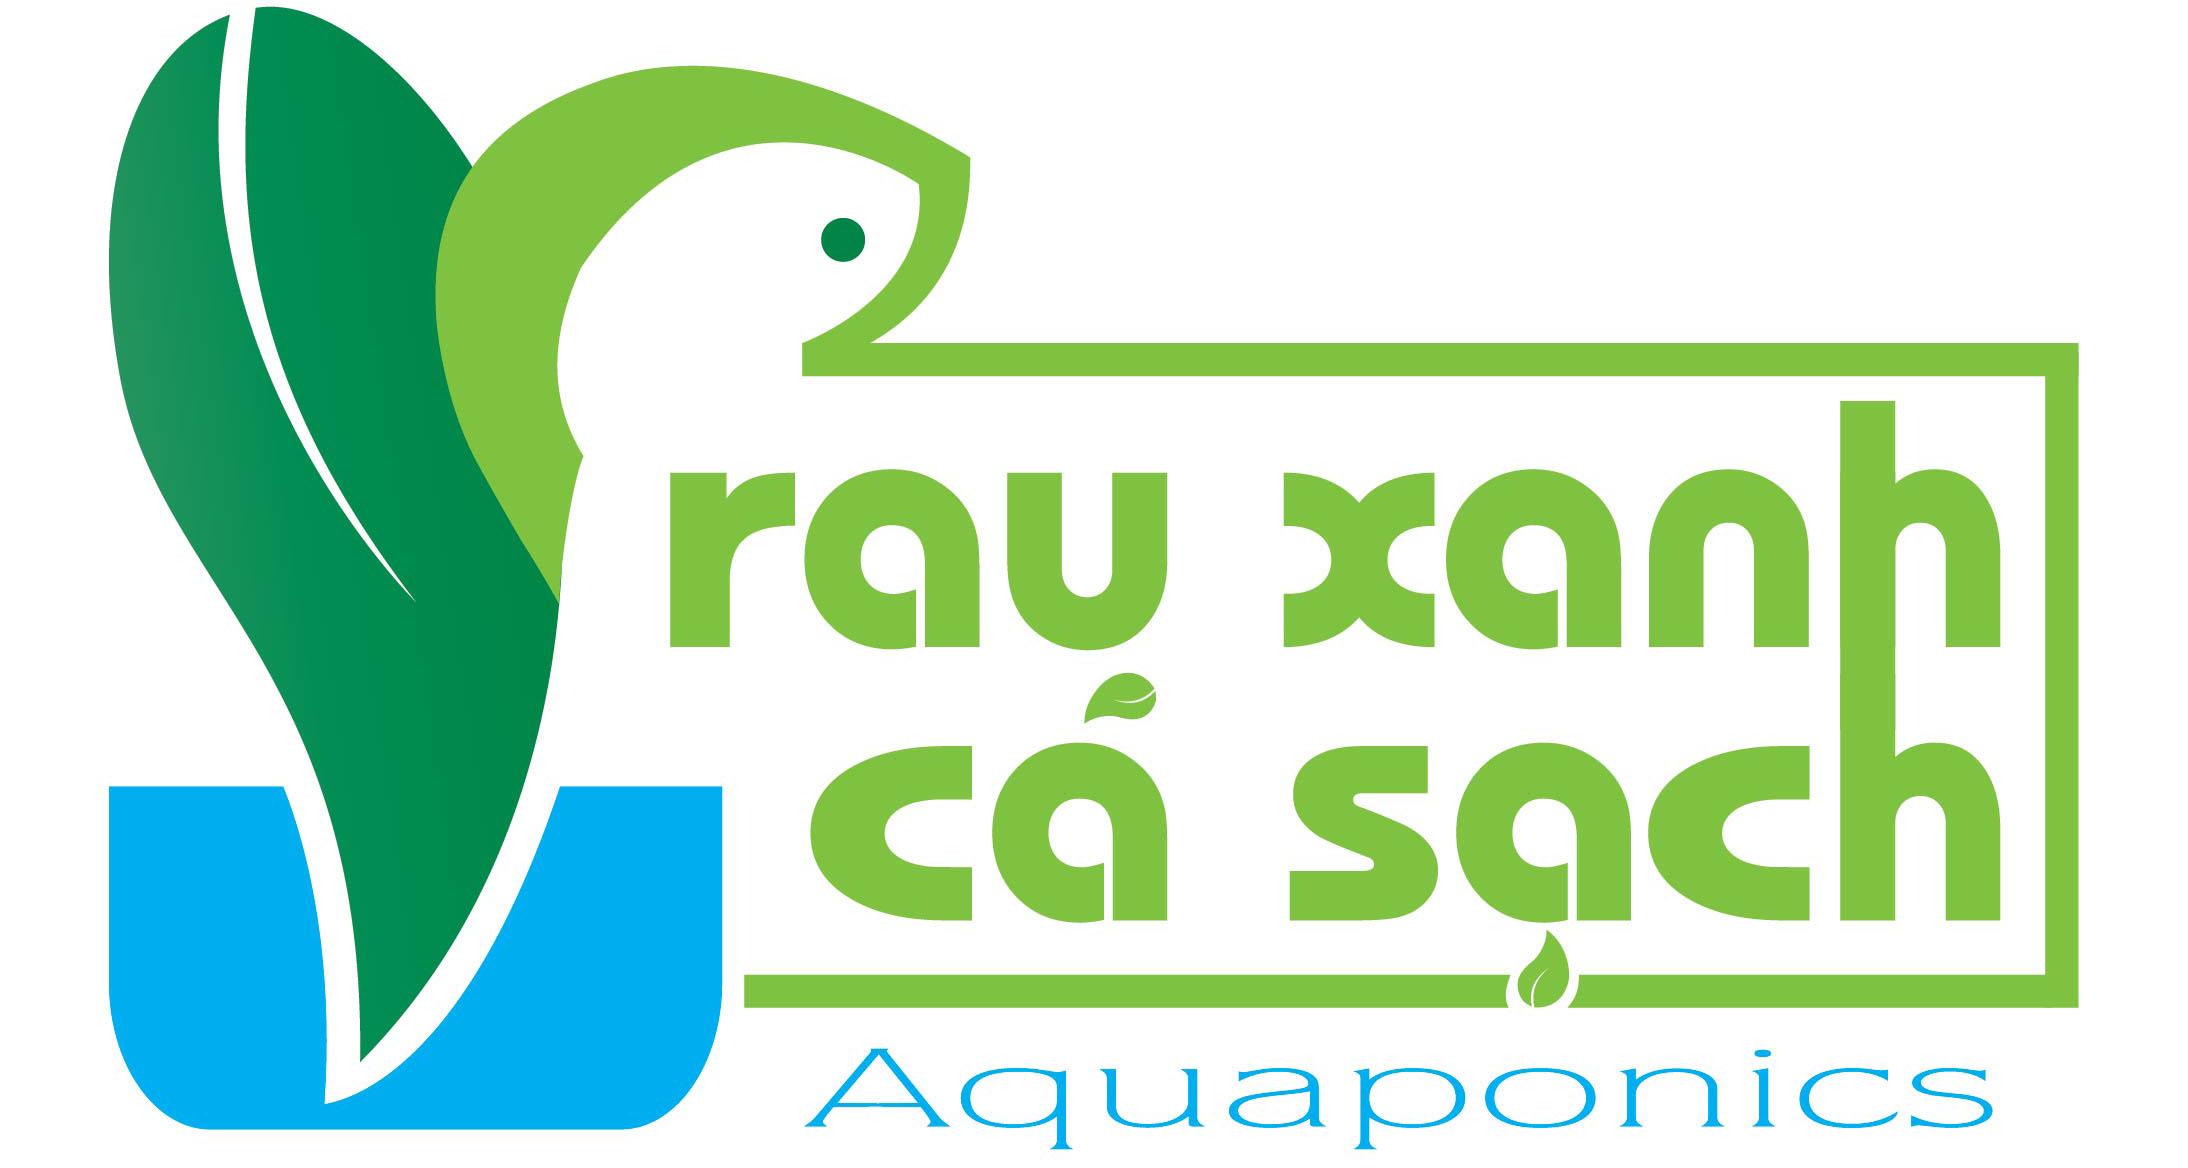 Aquaponics Hệ Thống Tự Trồng Rau Nuôi Cá Sạch Tại Nhà